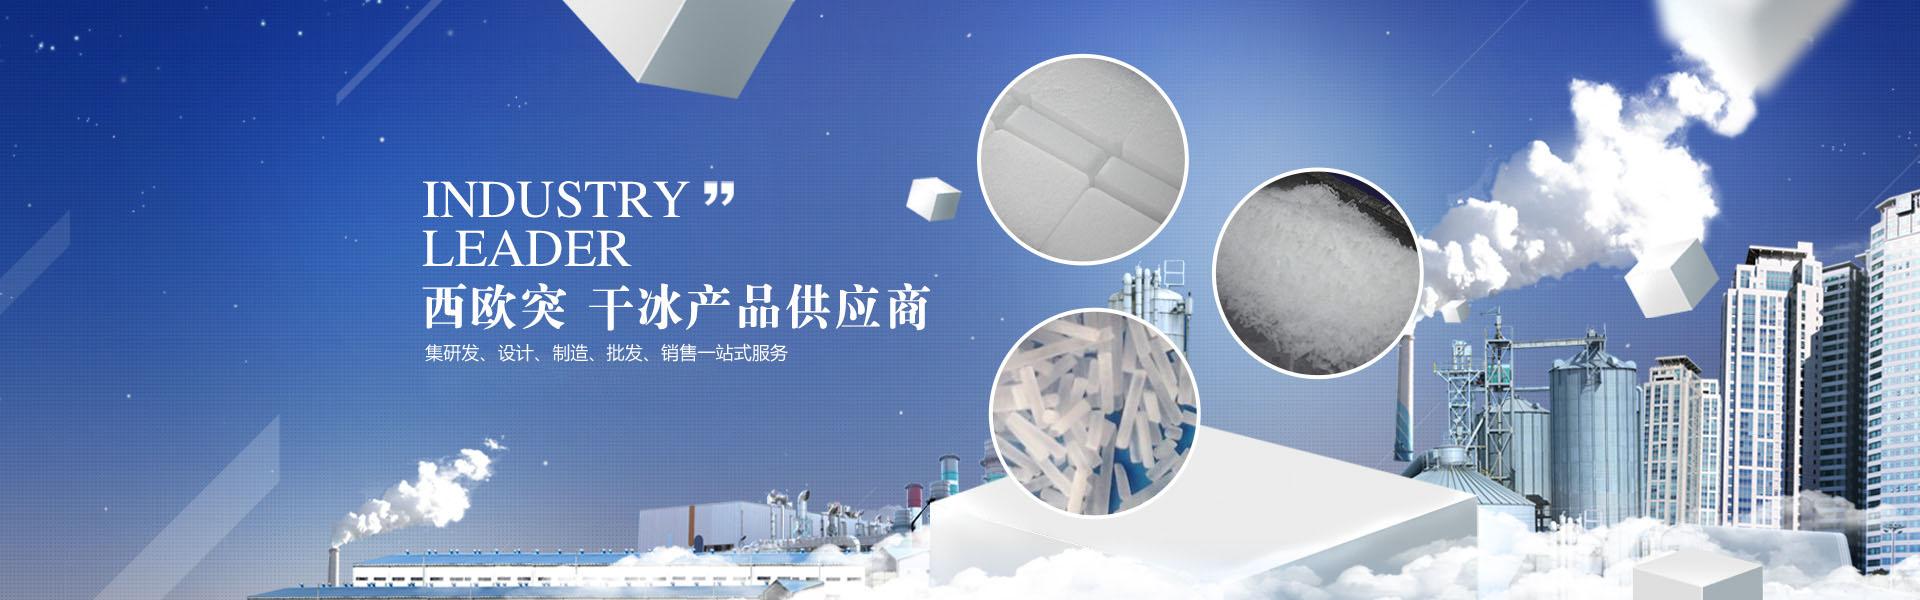 干冰厂,广州干冰